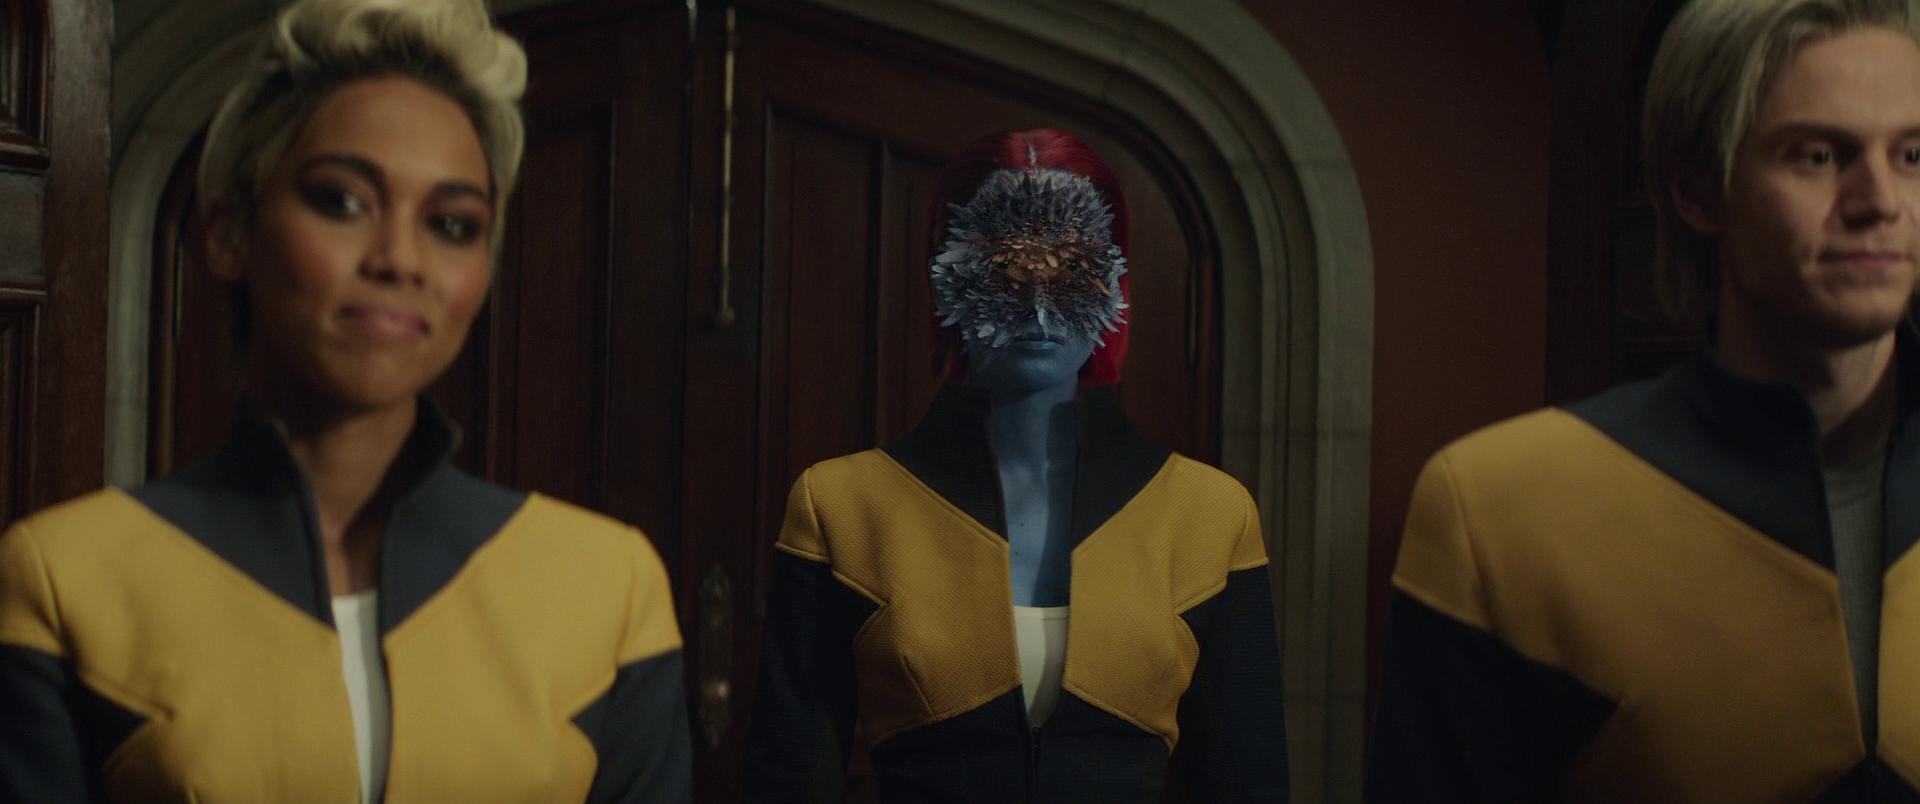 Изображение для Люди Икс: Тёмный Феникс / Dark Phoenix (2019) BDRip 1080p | Лицензия (кликните для просмотра полного изображения)